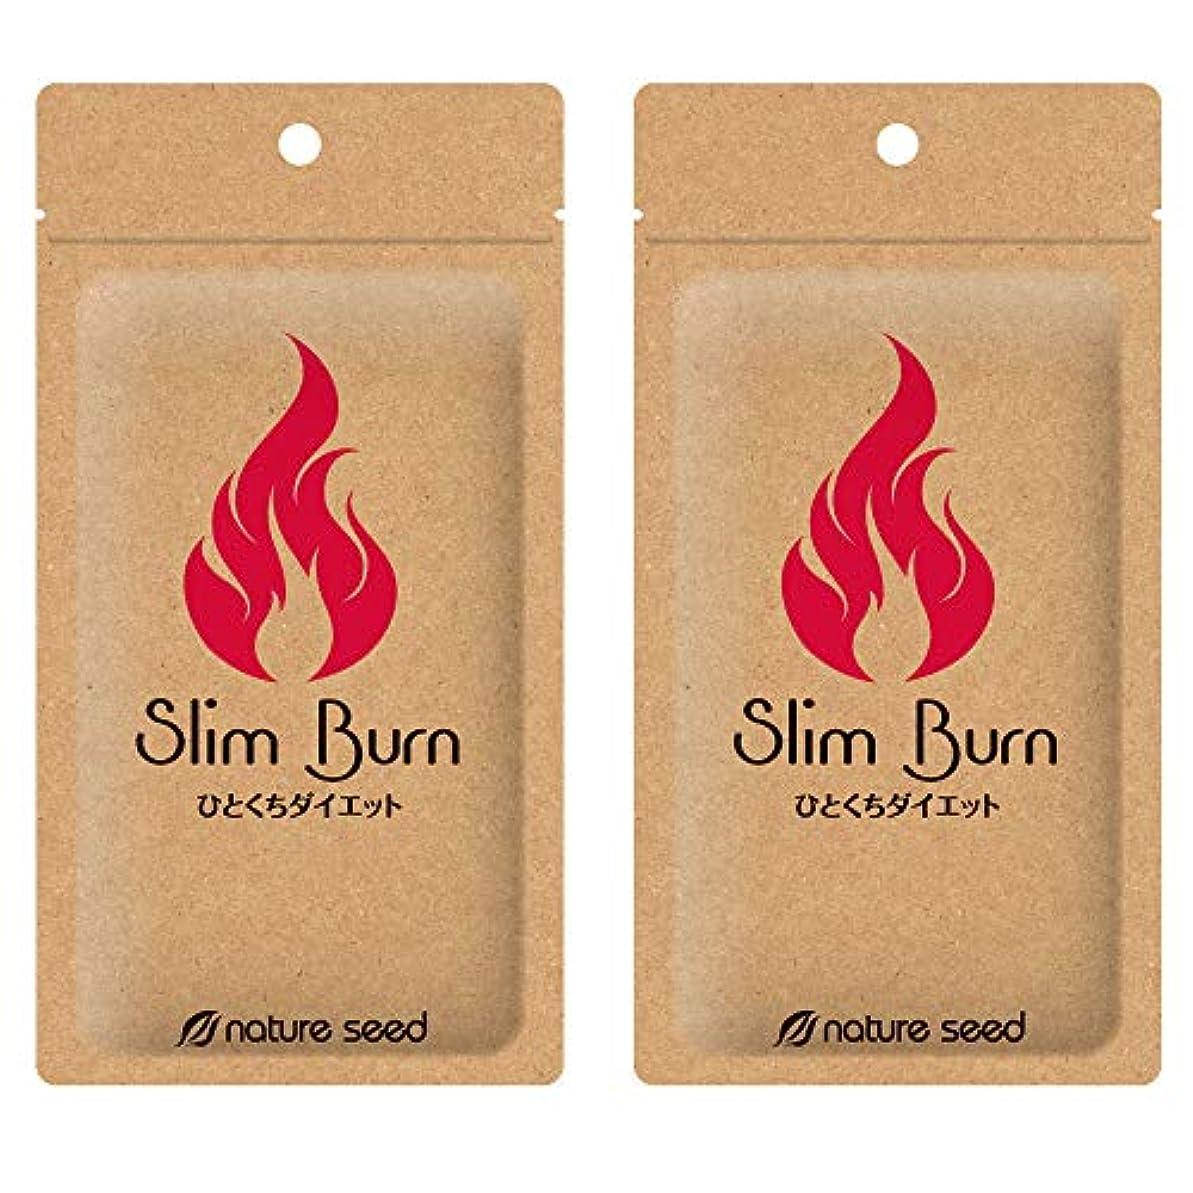 エイズ溶けるパイ[燃焼サプリ]ダイエット 脂肪燃焼 くびれメイクをサポート サプリメント スリムバーン 2袋(約60日分)